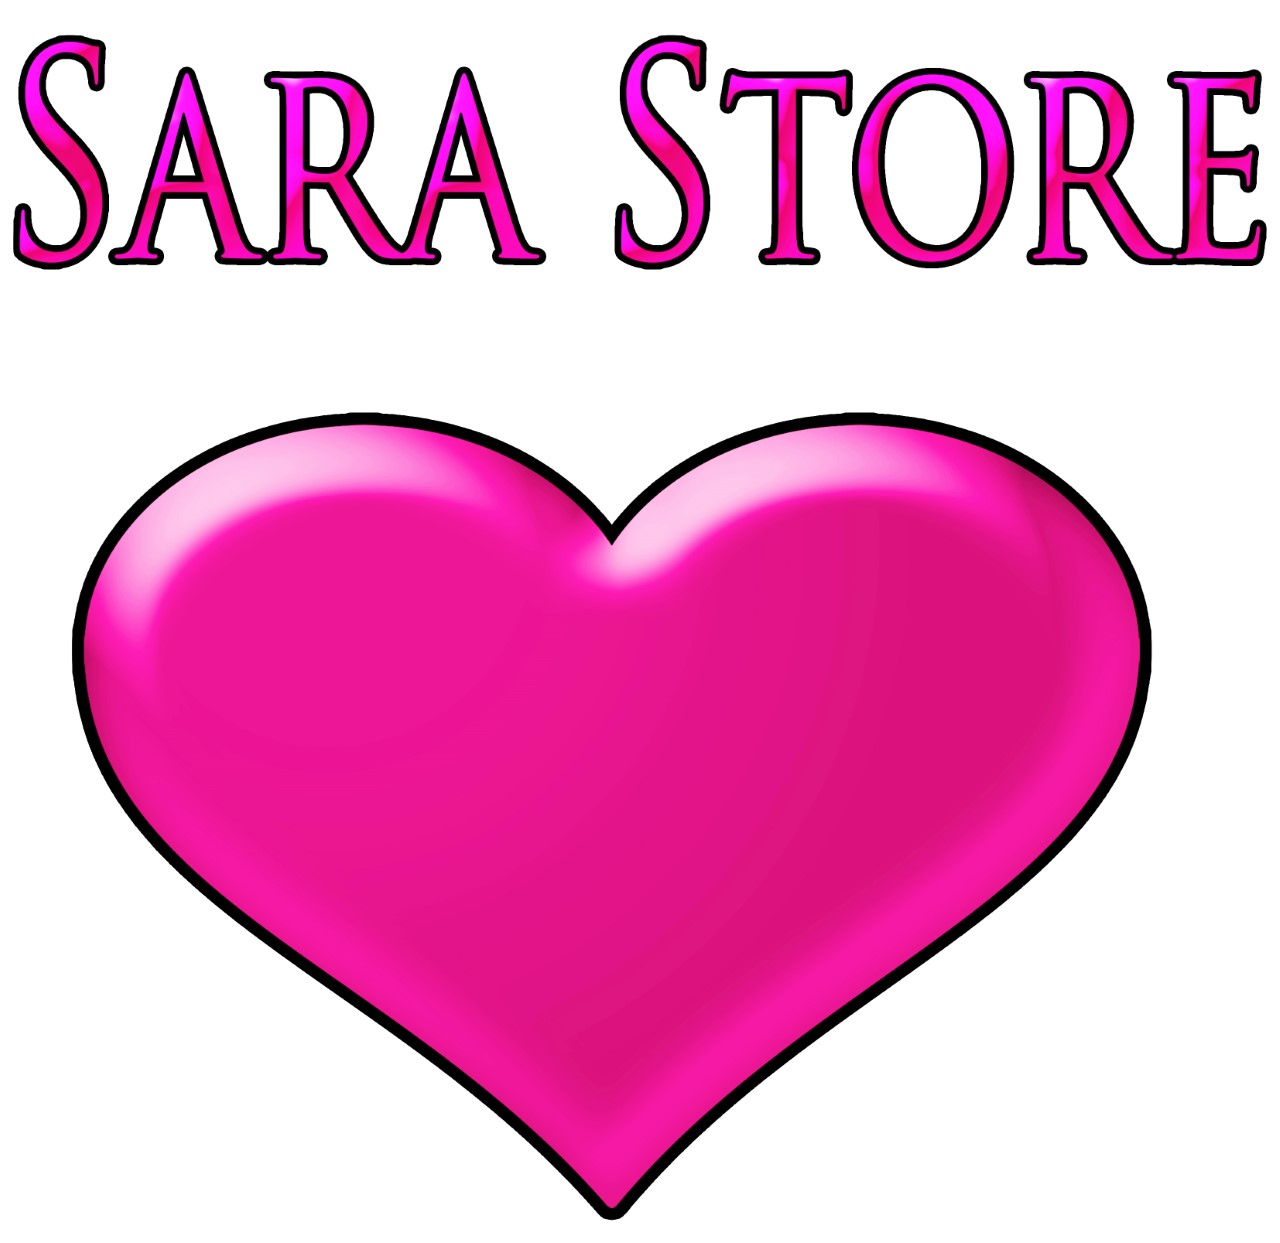 Sara Store